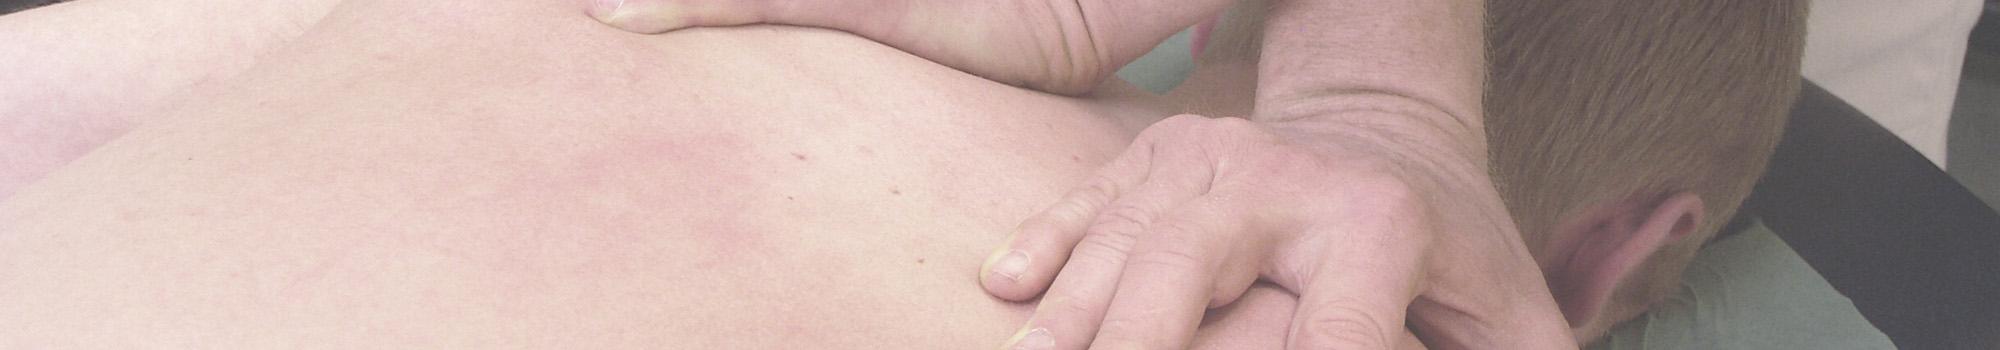 mintra thai massage medicinsk massage malmö